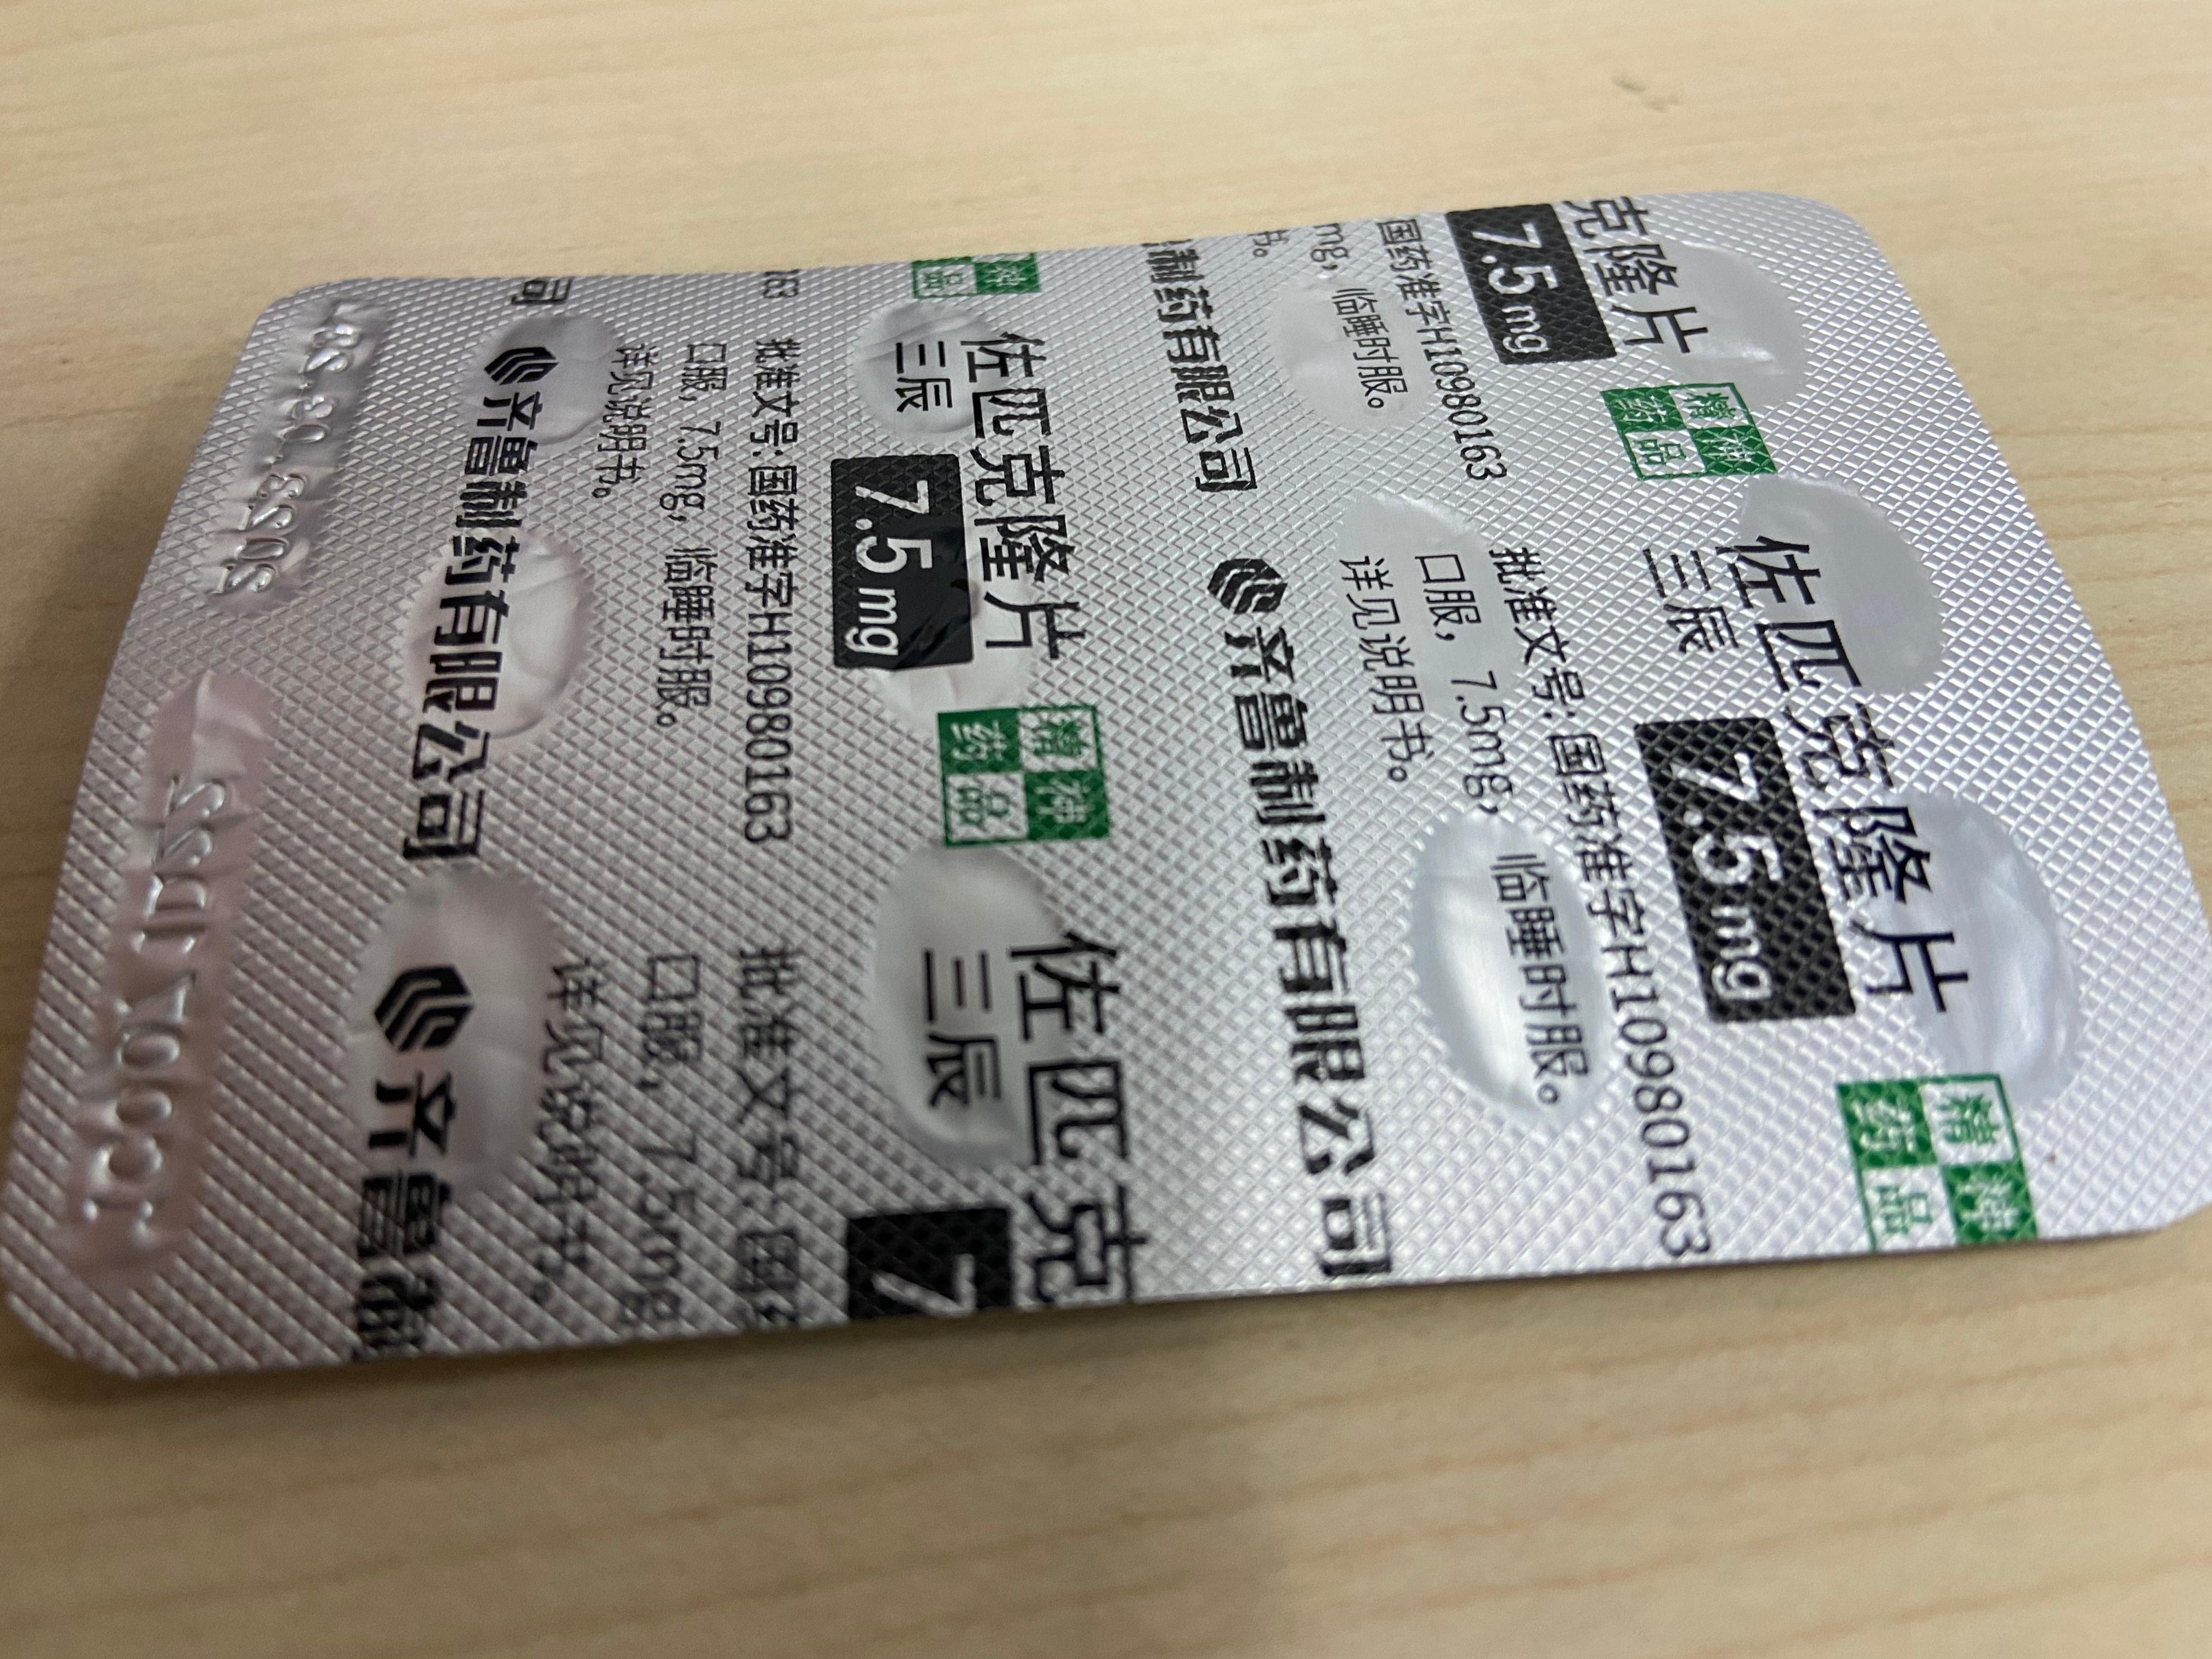 一名药品贩卖者兜售各类管制精神药品,支付135元后,他发给记者一板佐匹克隆片。